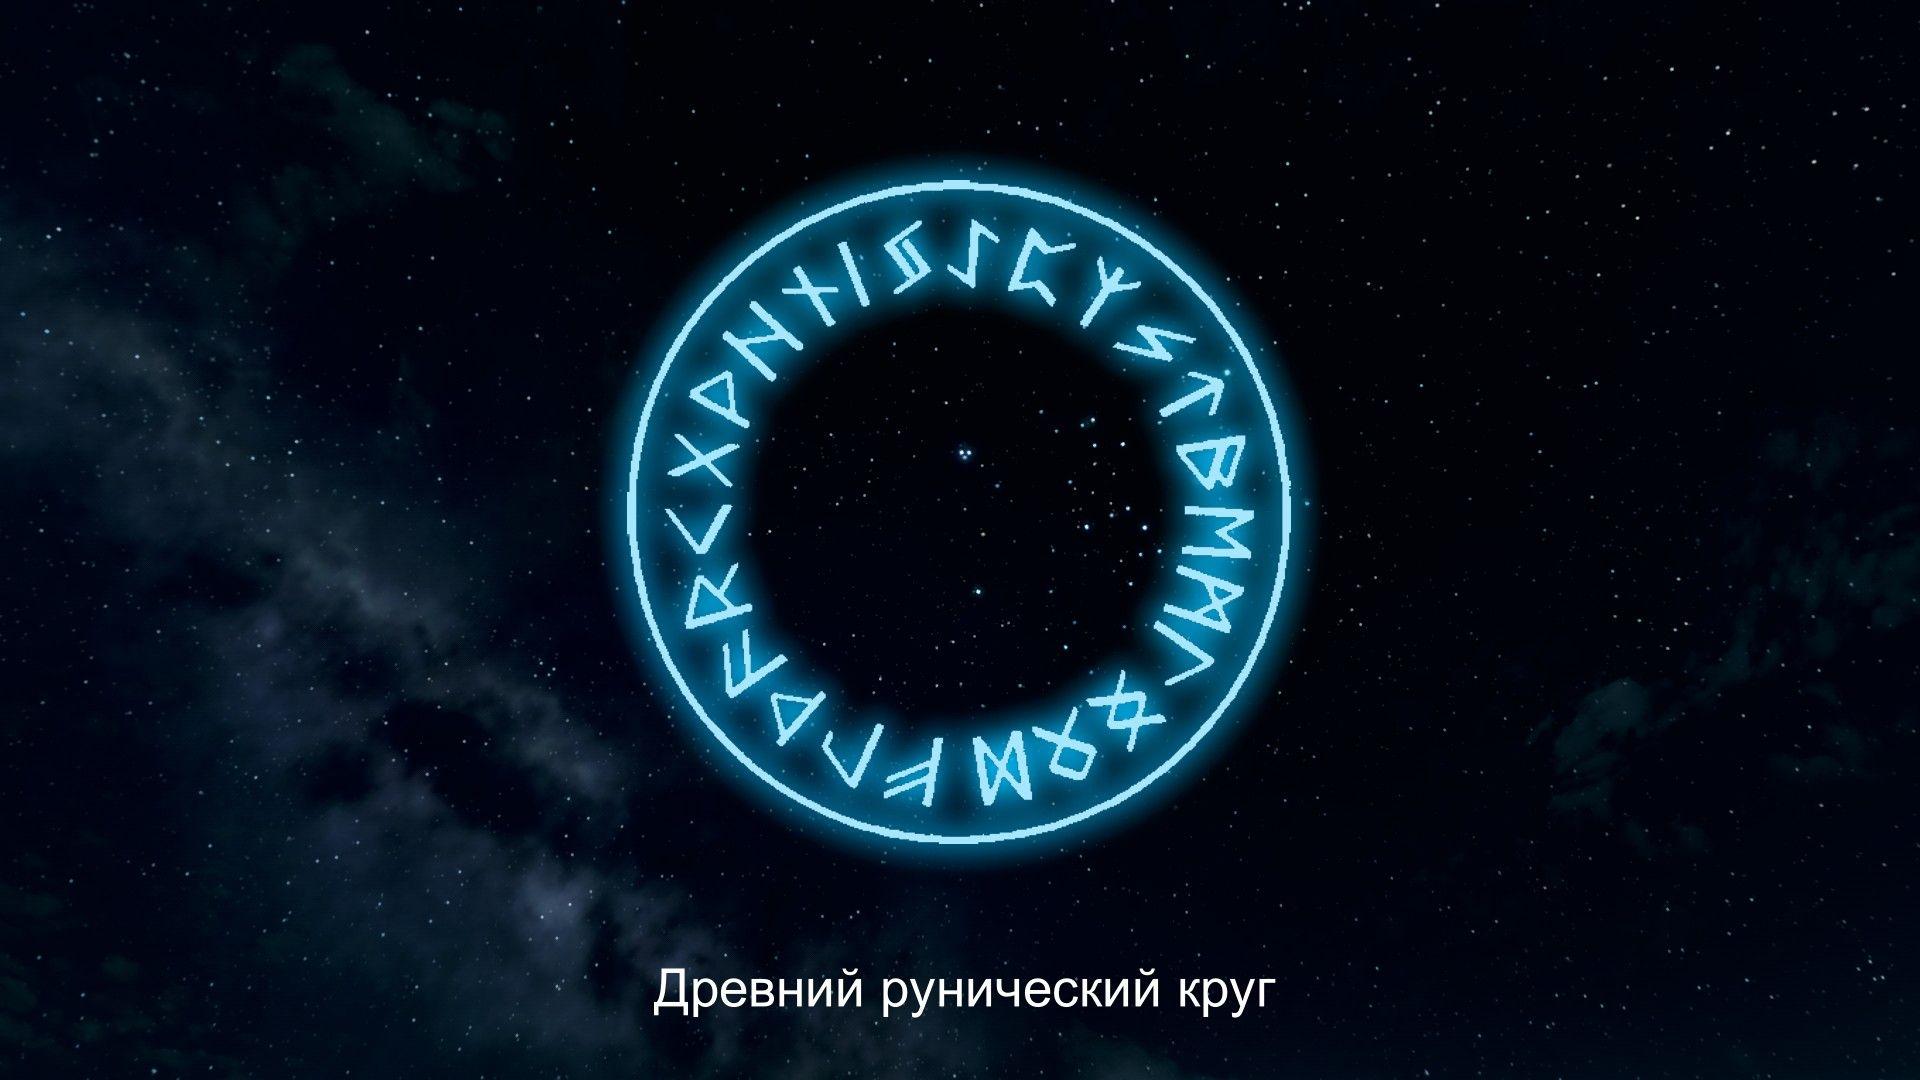 Древний рунический круг